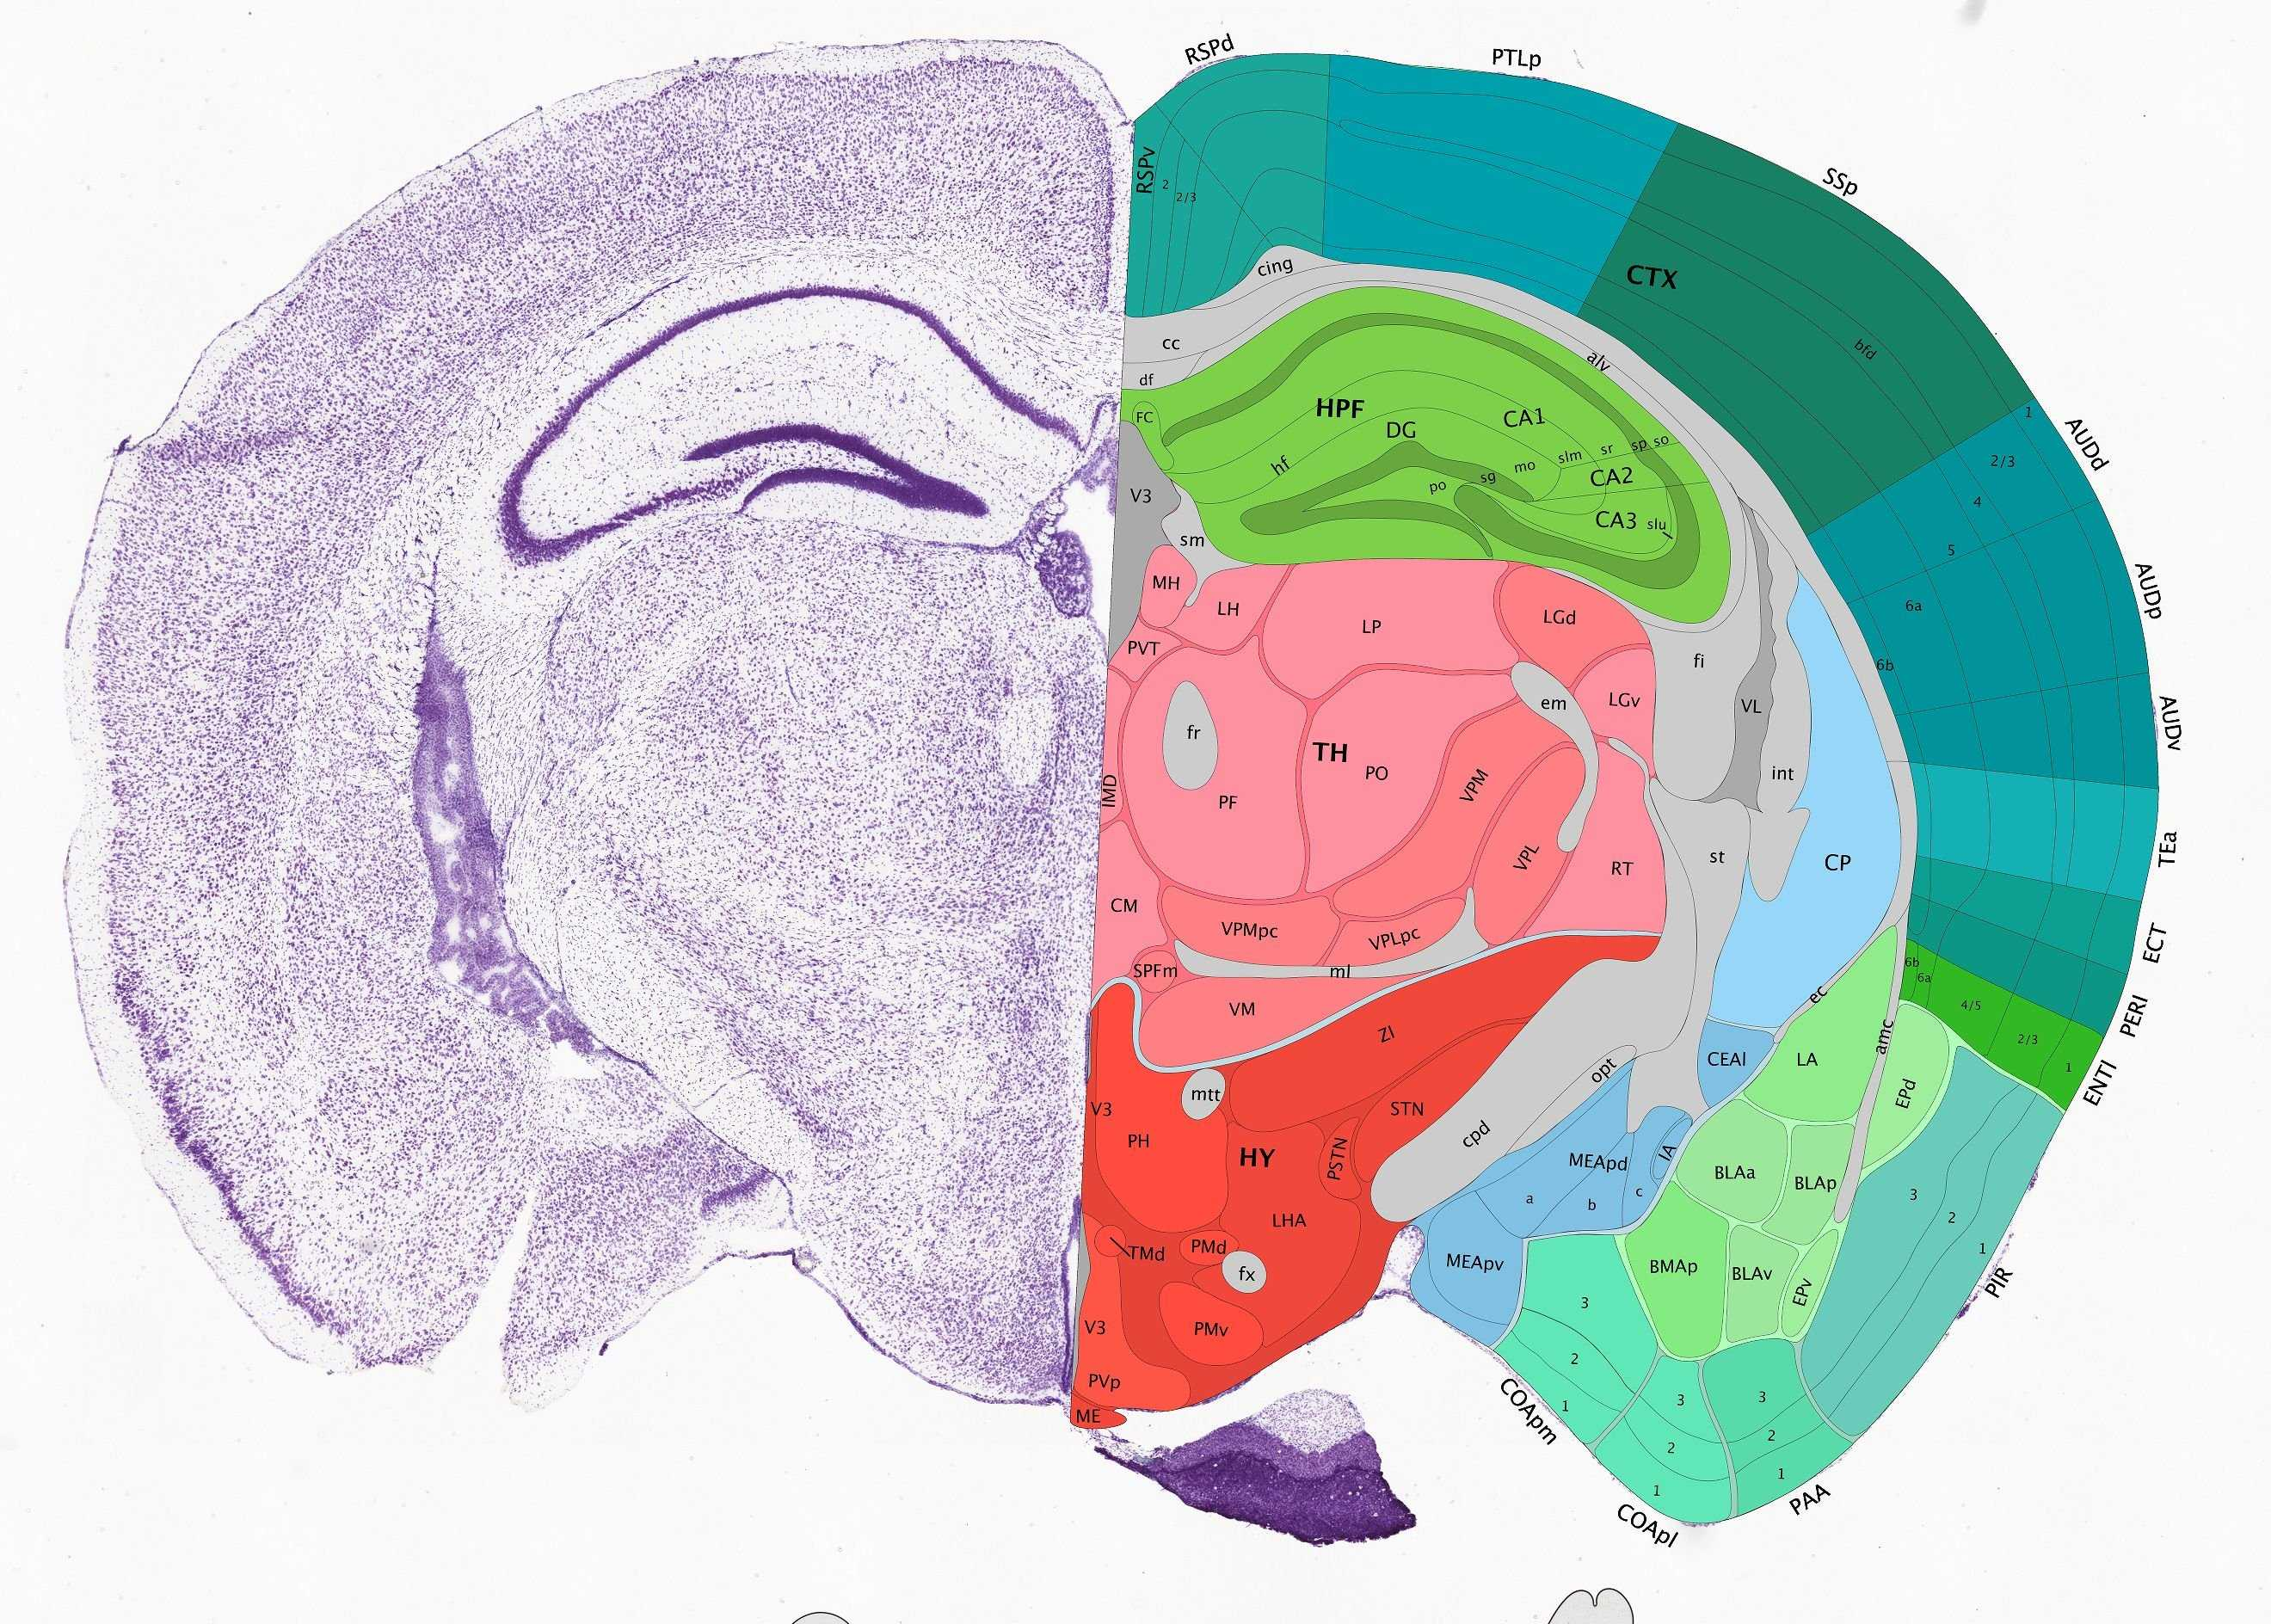 Геномный атлас мозга мыши с замахом на человека